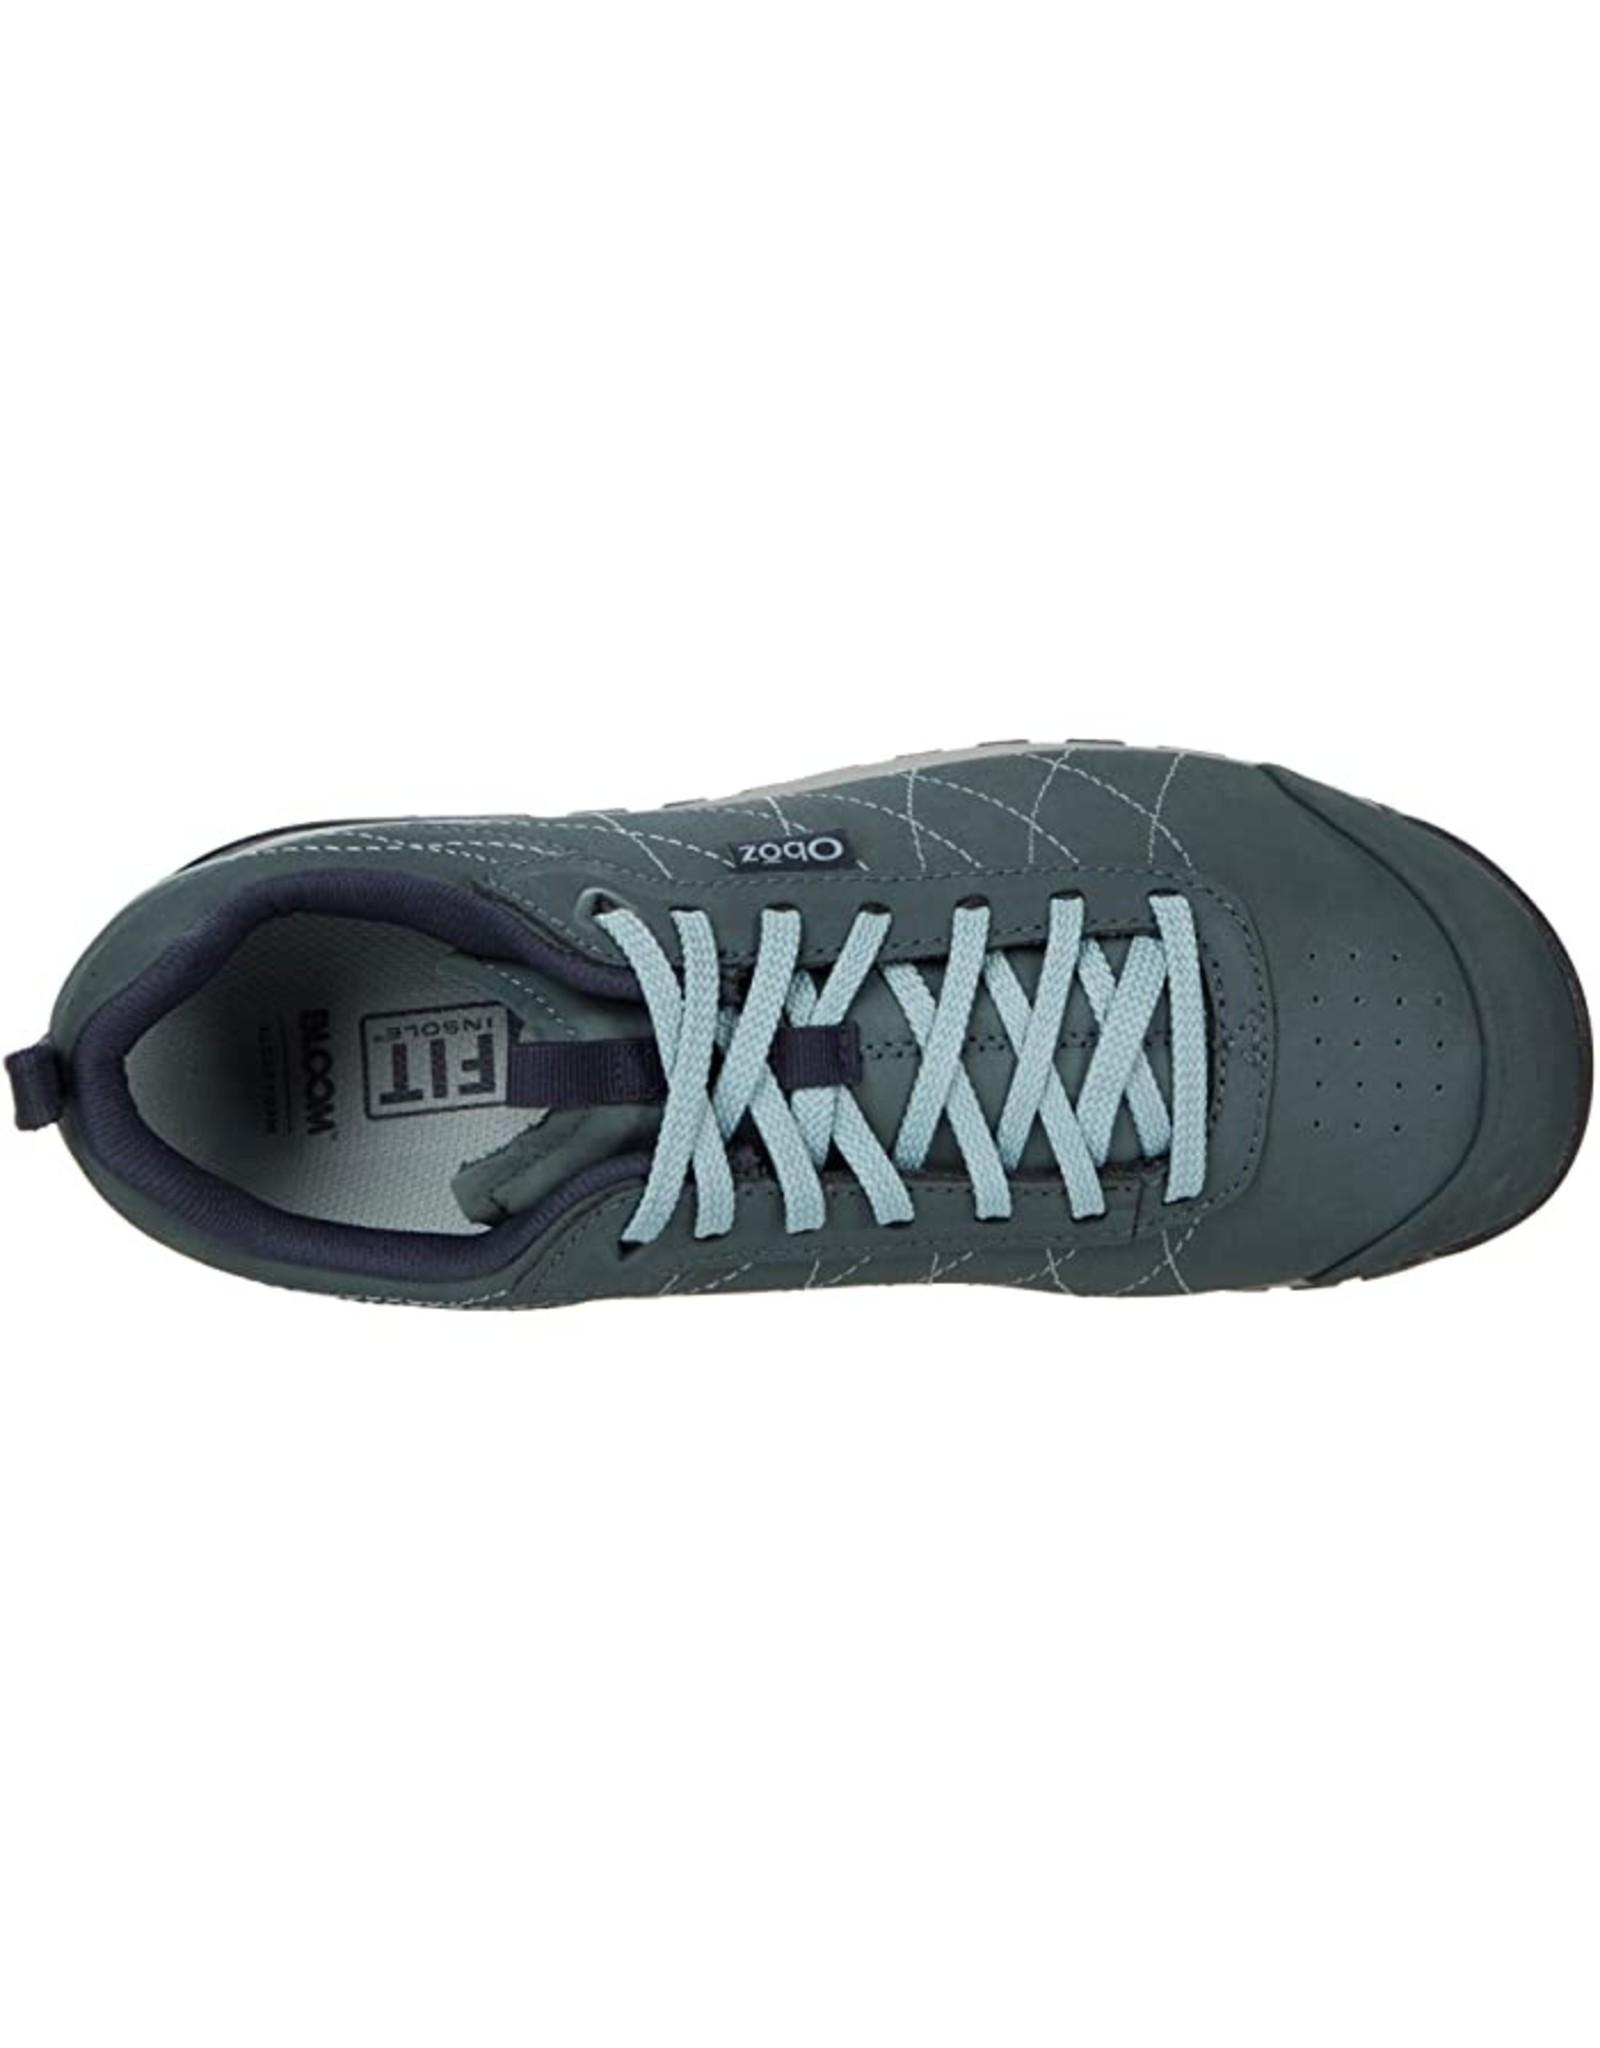 Oboz Oboz Bozeman Low Leather Shoe